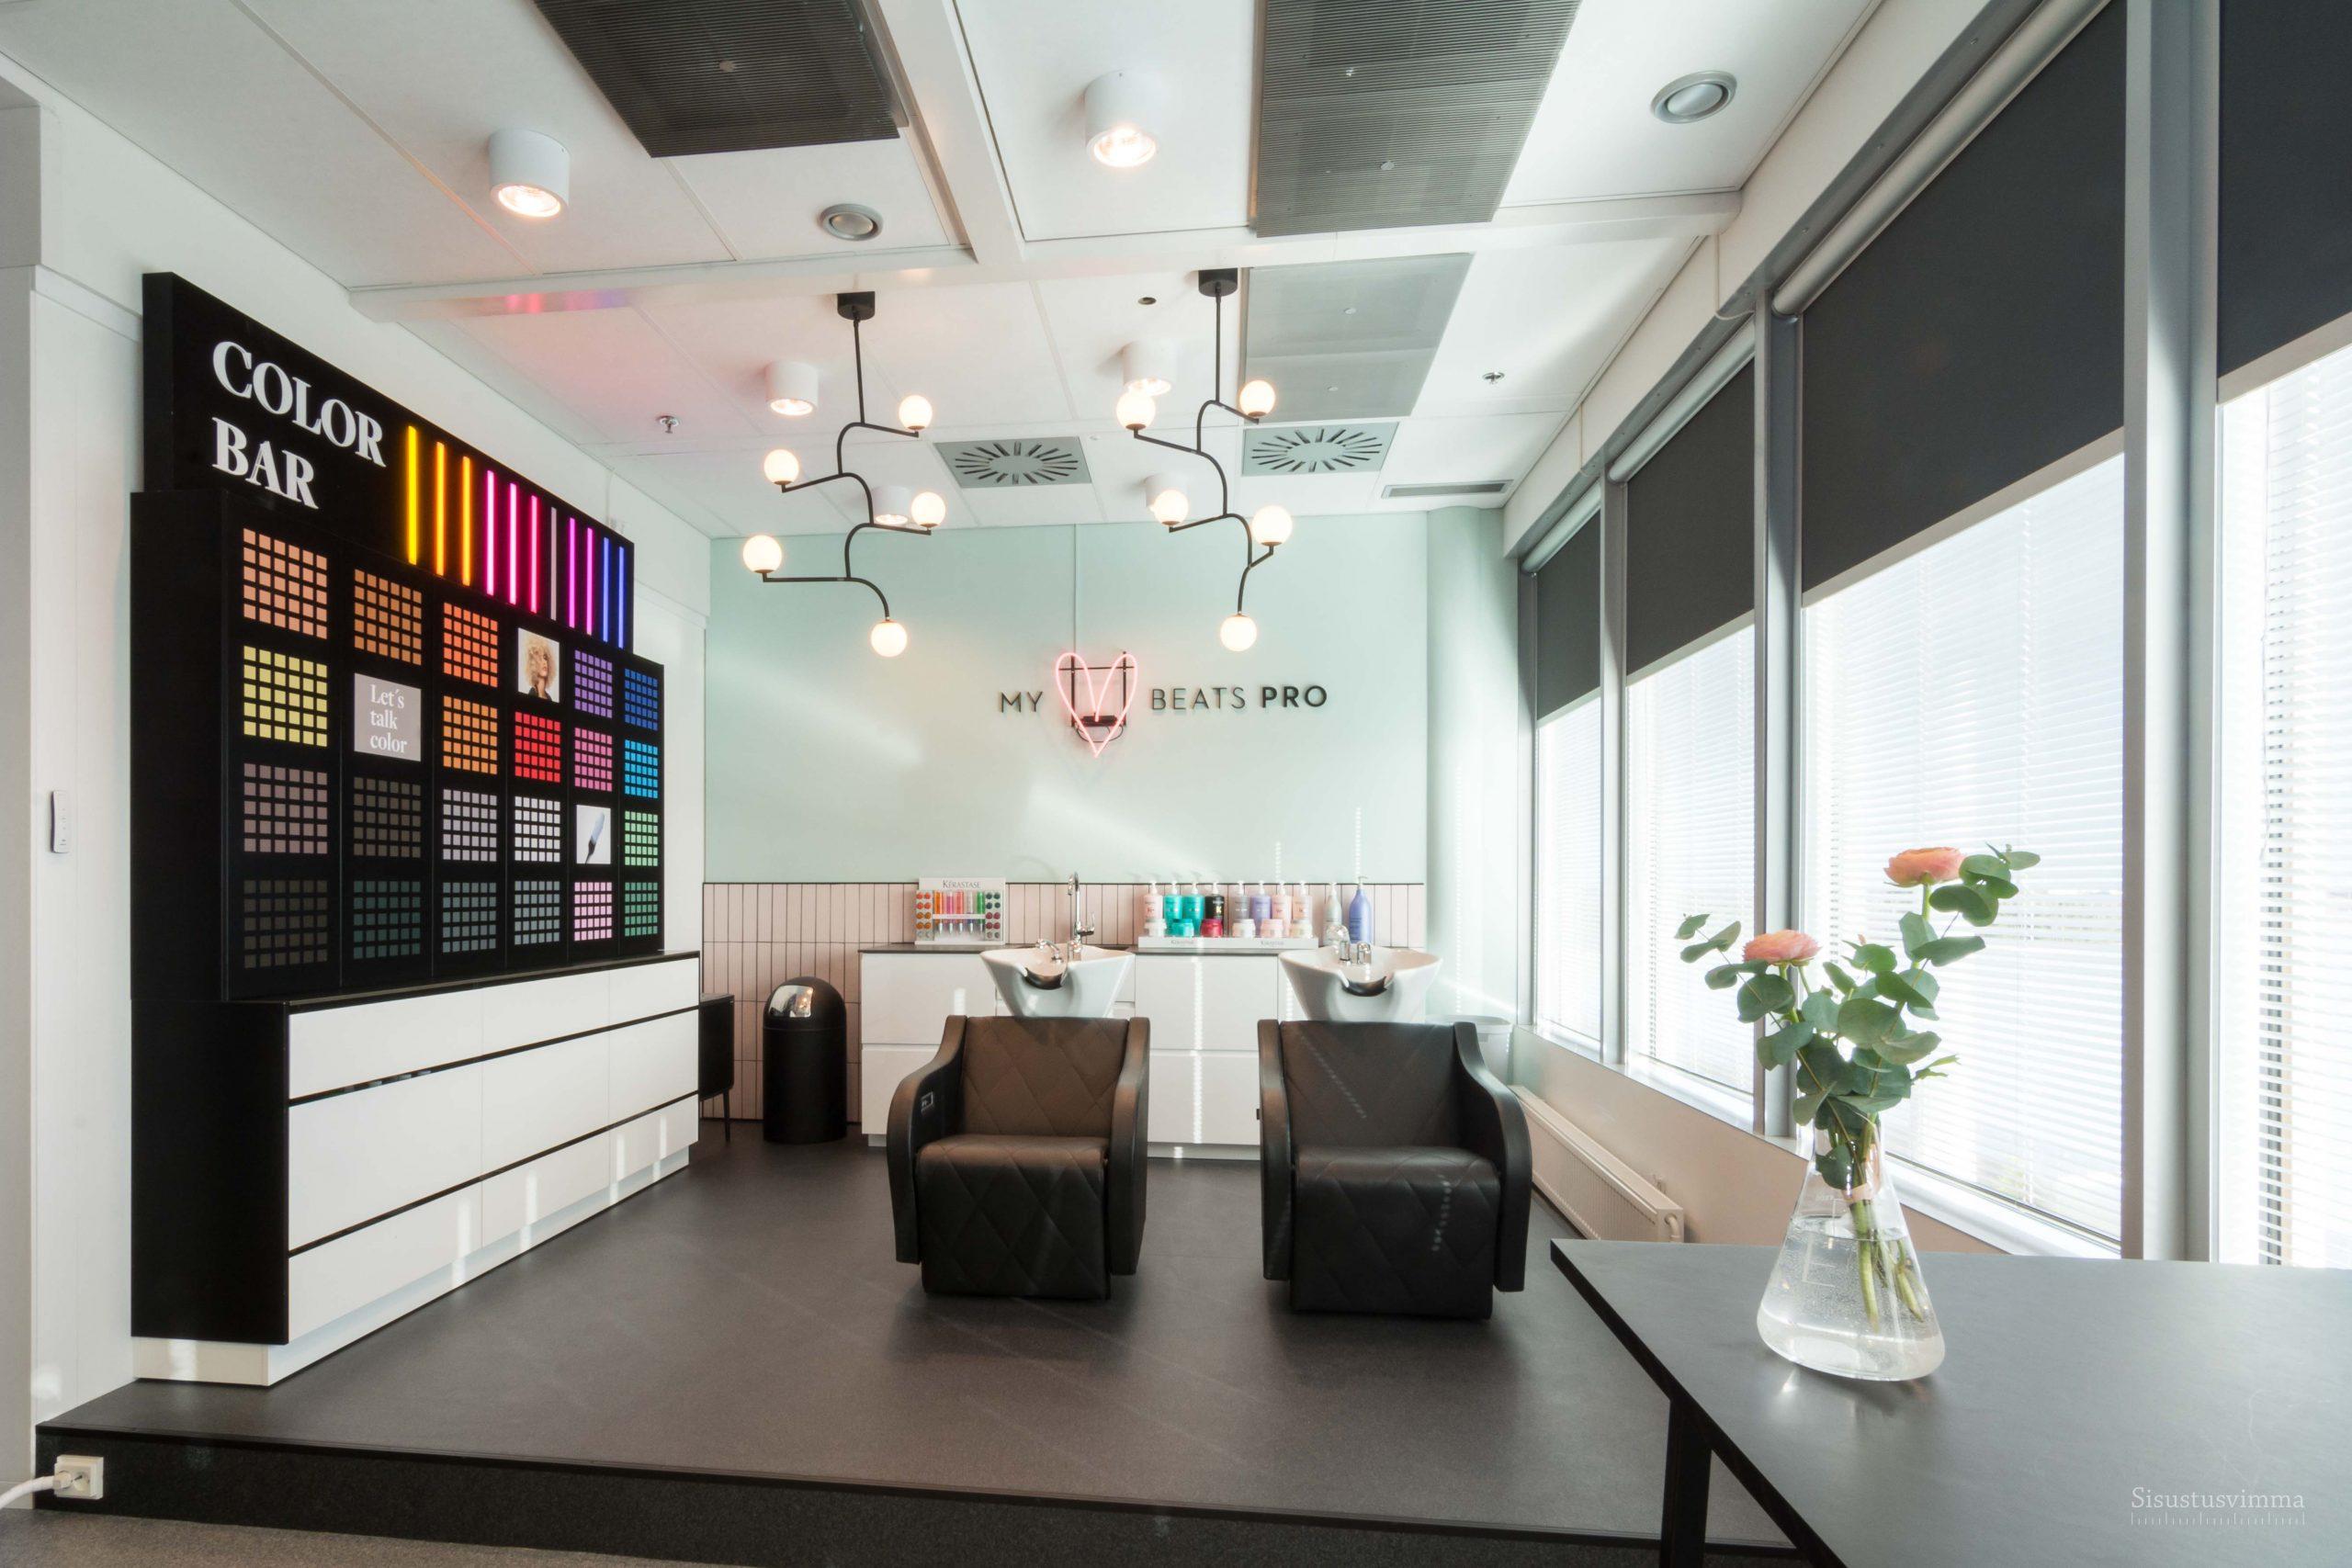 L'Oréal Studio (1 of 4)